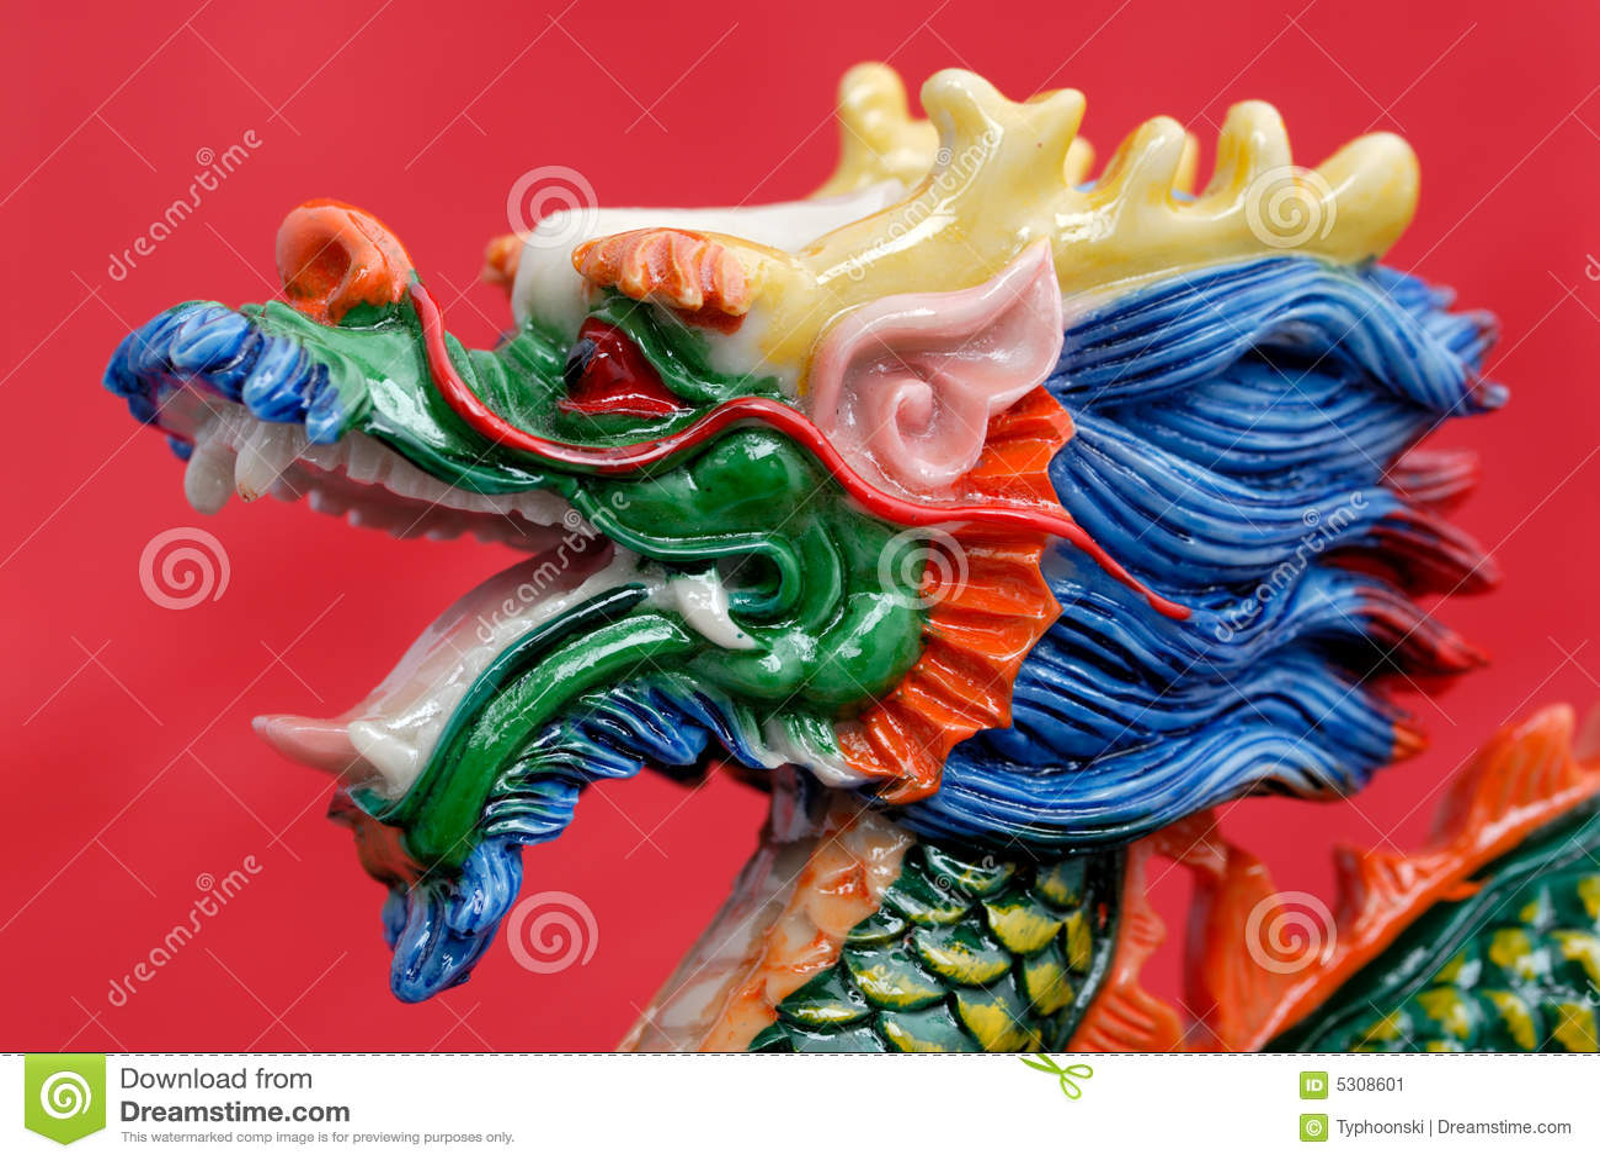 Download Drago cinese immagine stock. Immagine di decorativo, orientale - 5308601